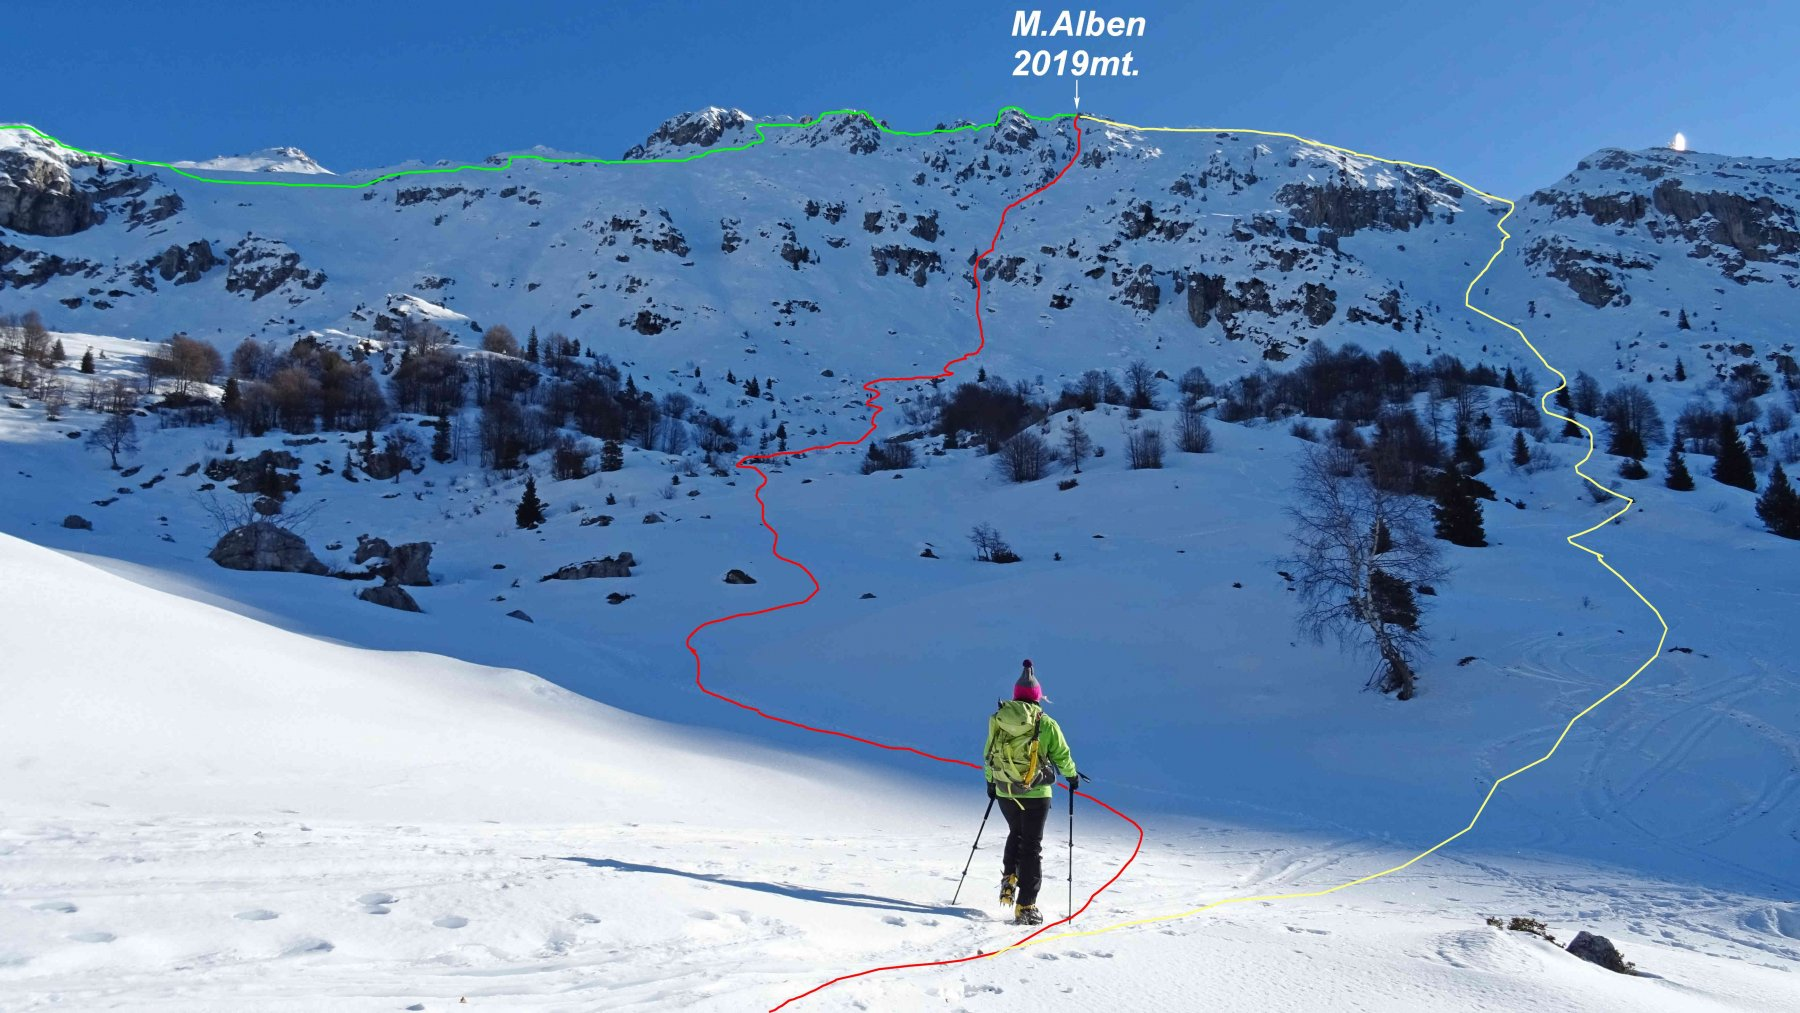 In rosso il Canale Ilaria,in giallo la salita normale, in verde la traversata in cresta verso il P.so la Forca.